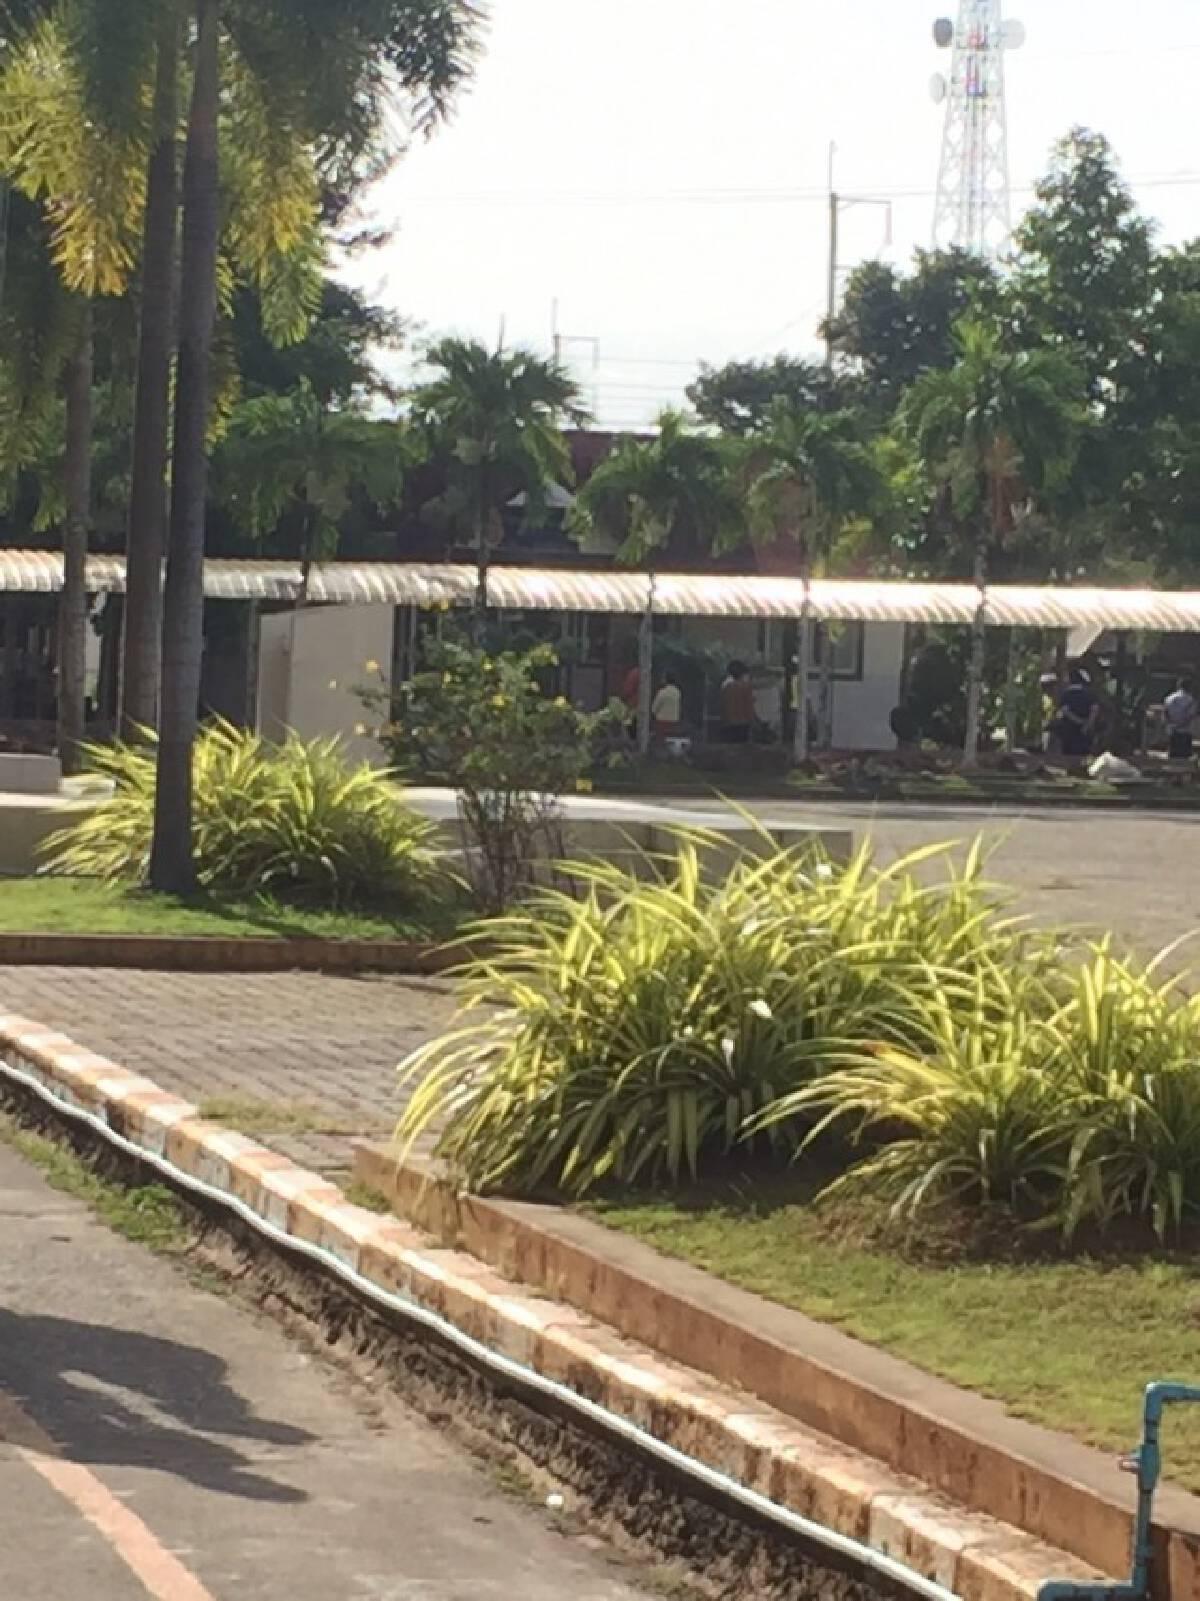 ผอ.โรงเรียนในสงขลา เครียดจัดงัดปืนโชว์นักเรียนหน้าเสาธง